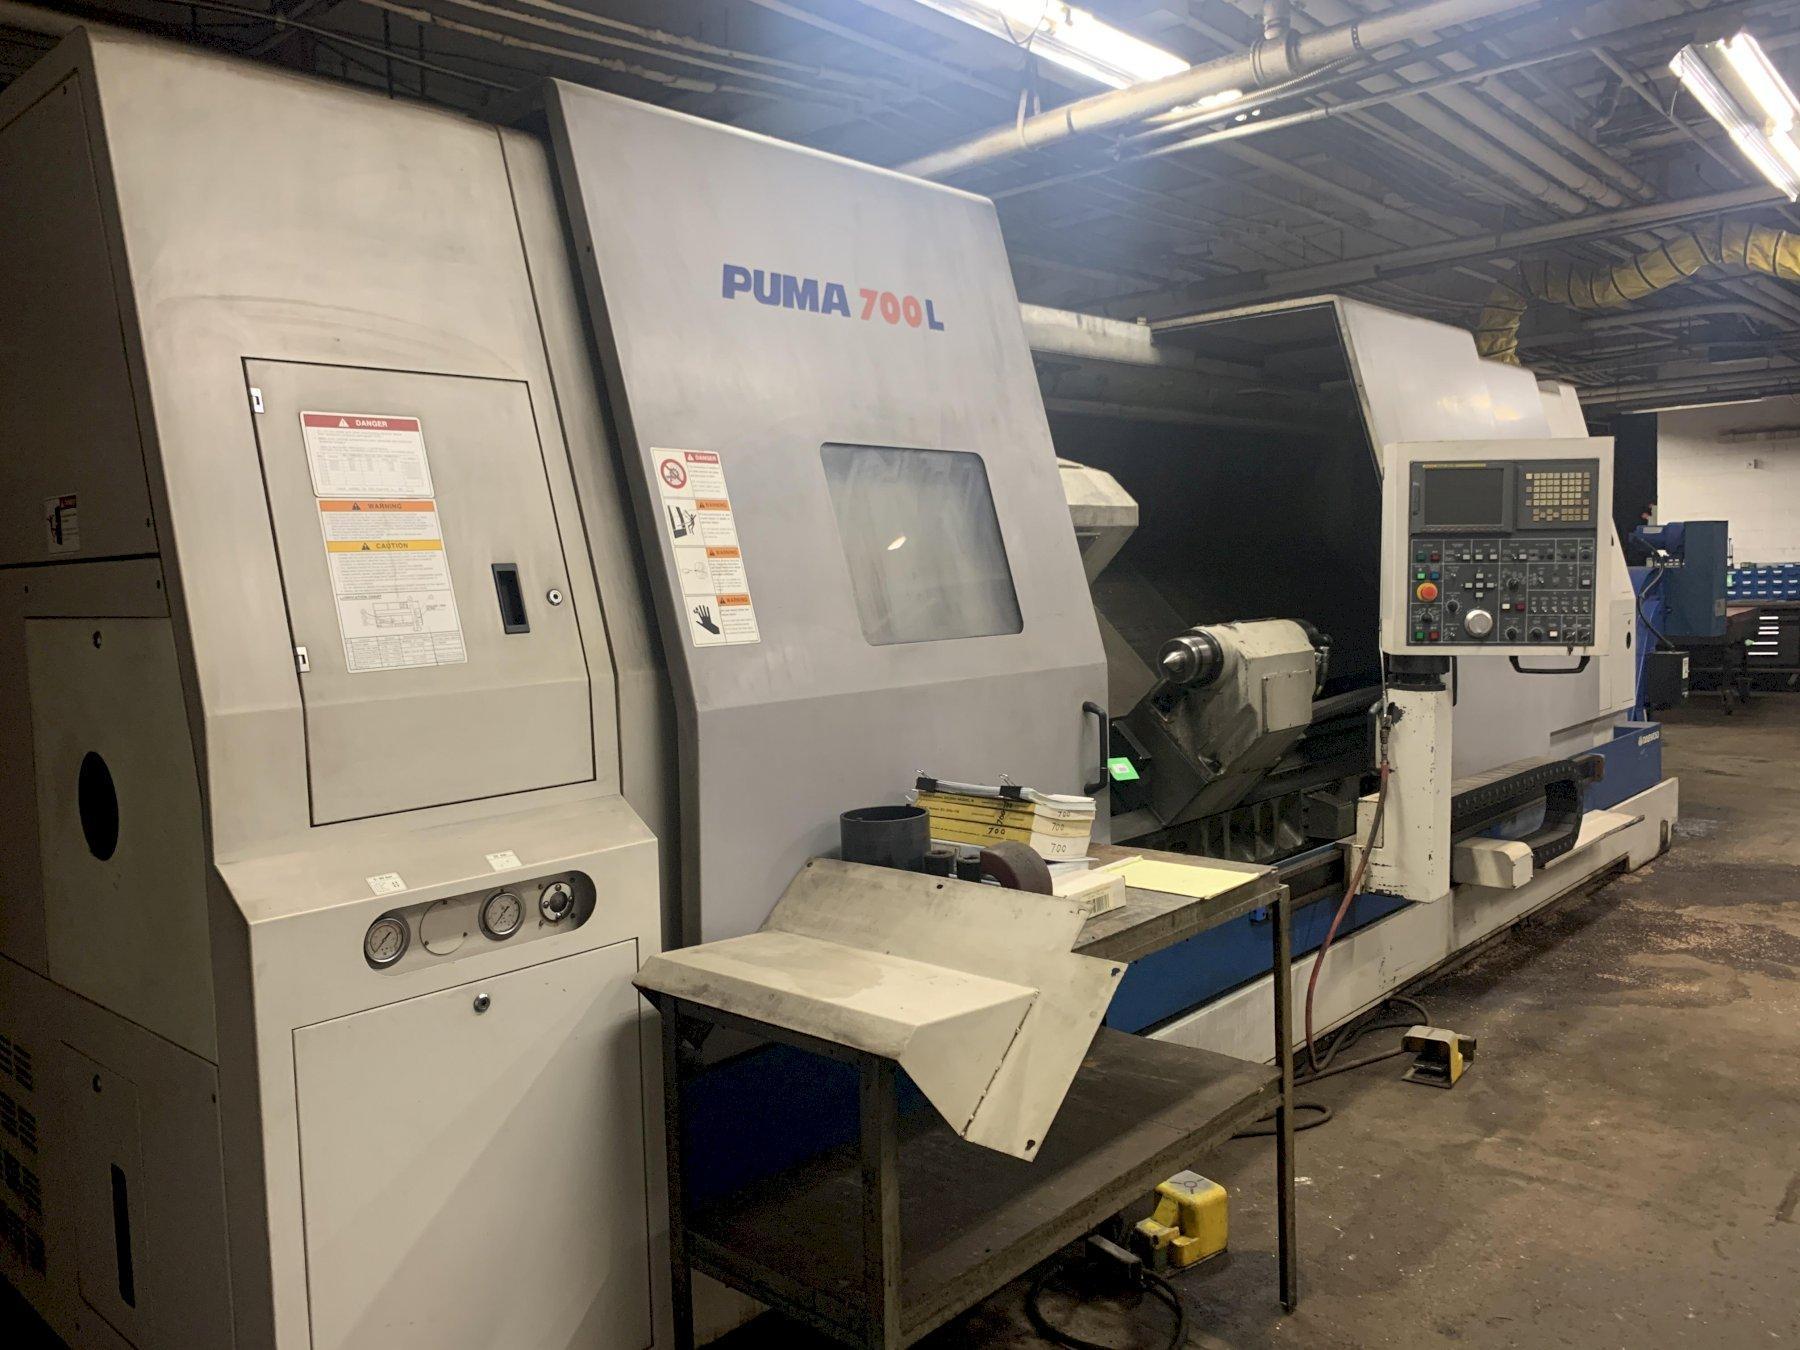 Doosan Puma 700L CNC Lathe, Fanuc 21iTB, 24